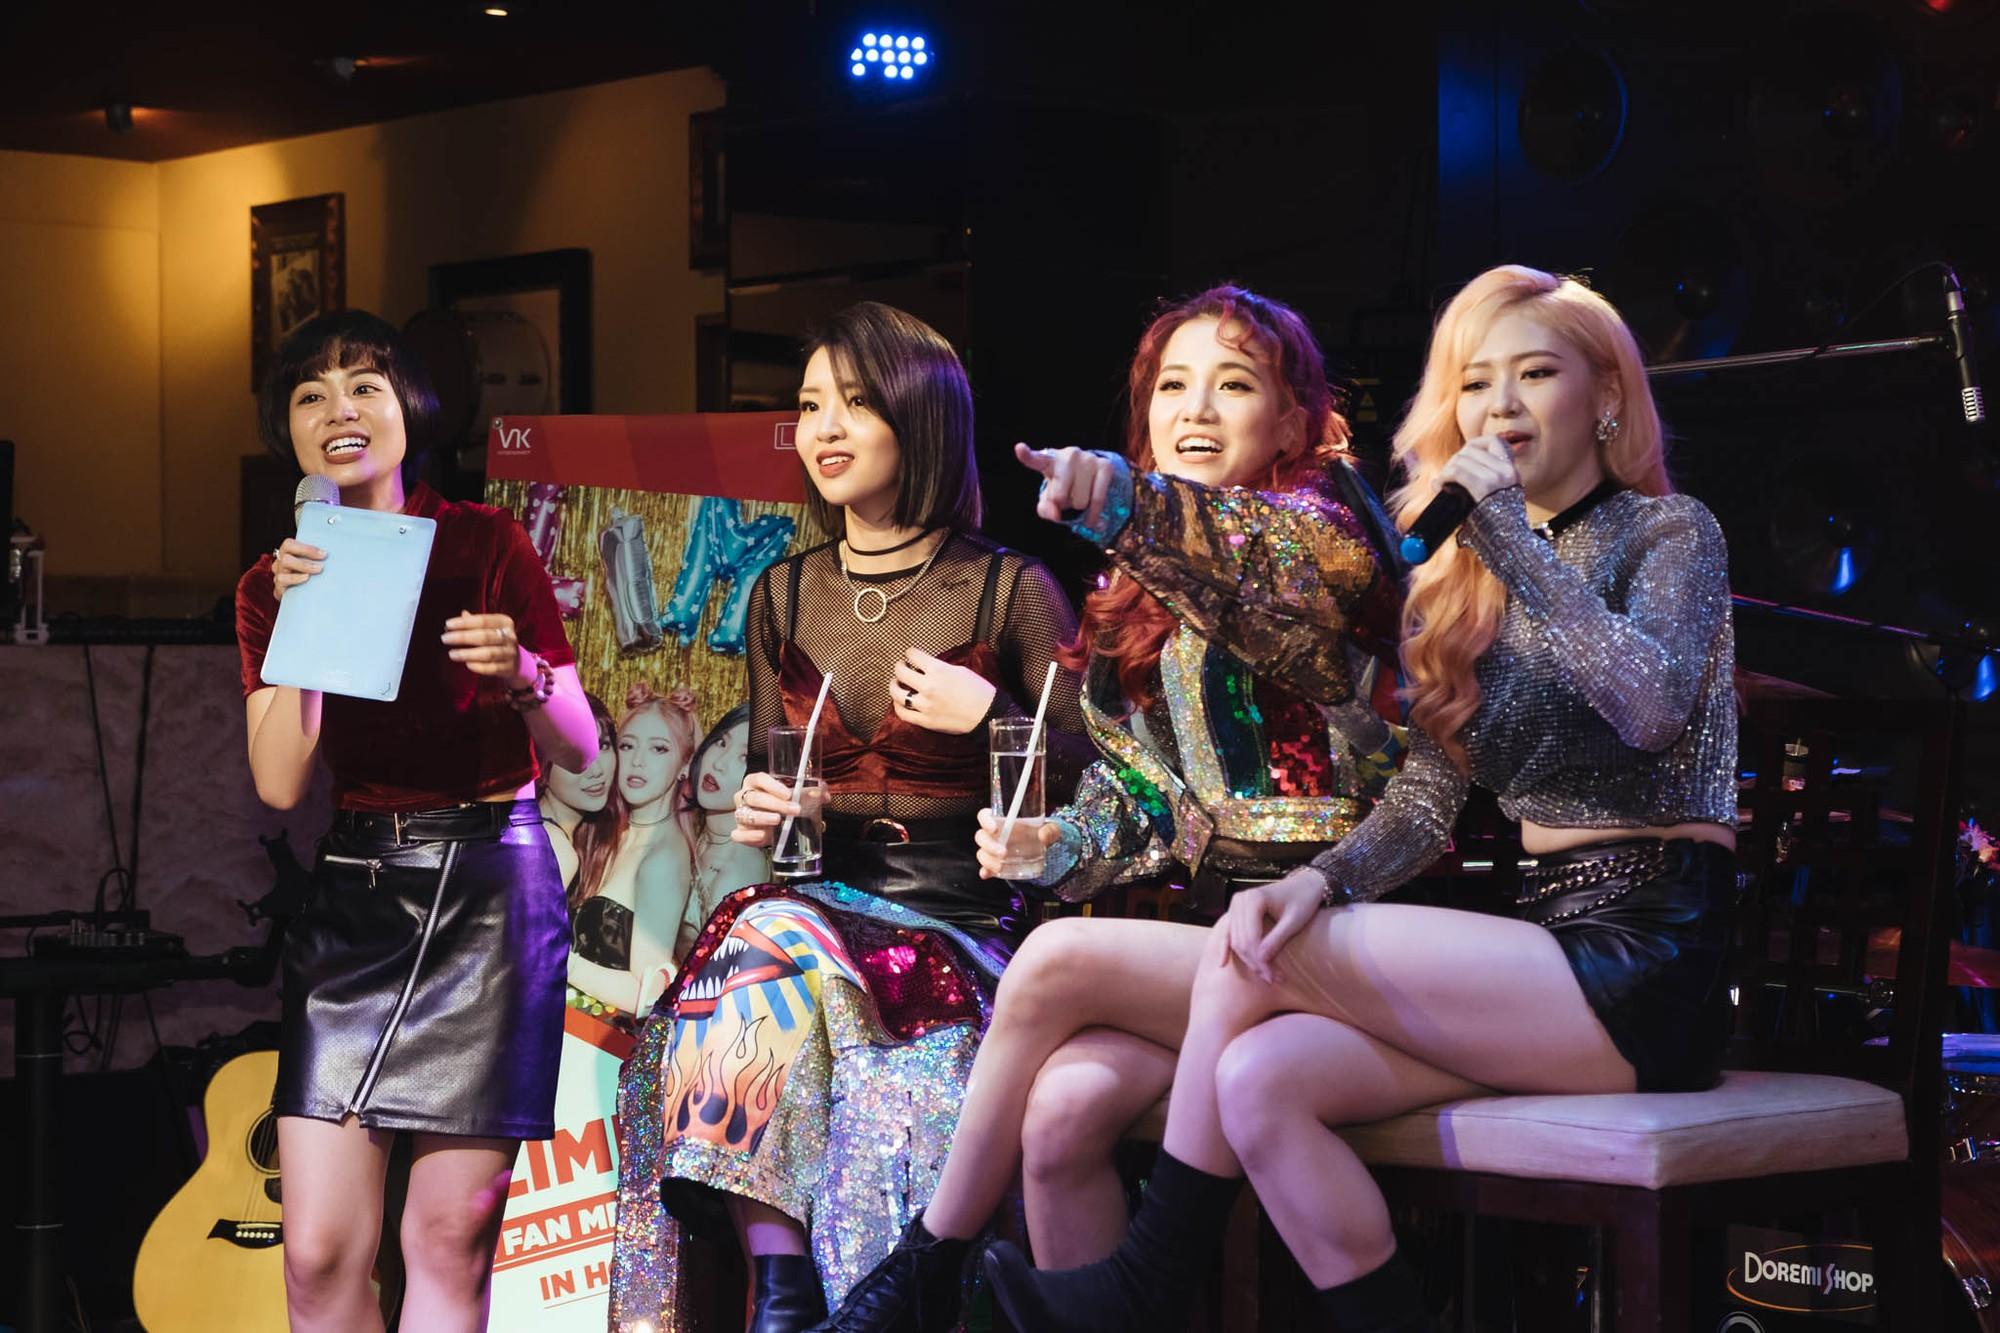 Từ bỏ hình ảnh dễ thương, LIME hóa thân thành những cô nàng tiệc tùng sexy trong MV mới - Ảnh 5.